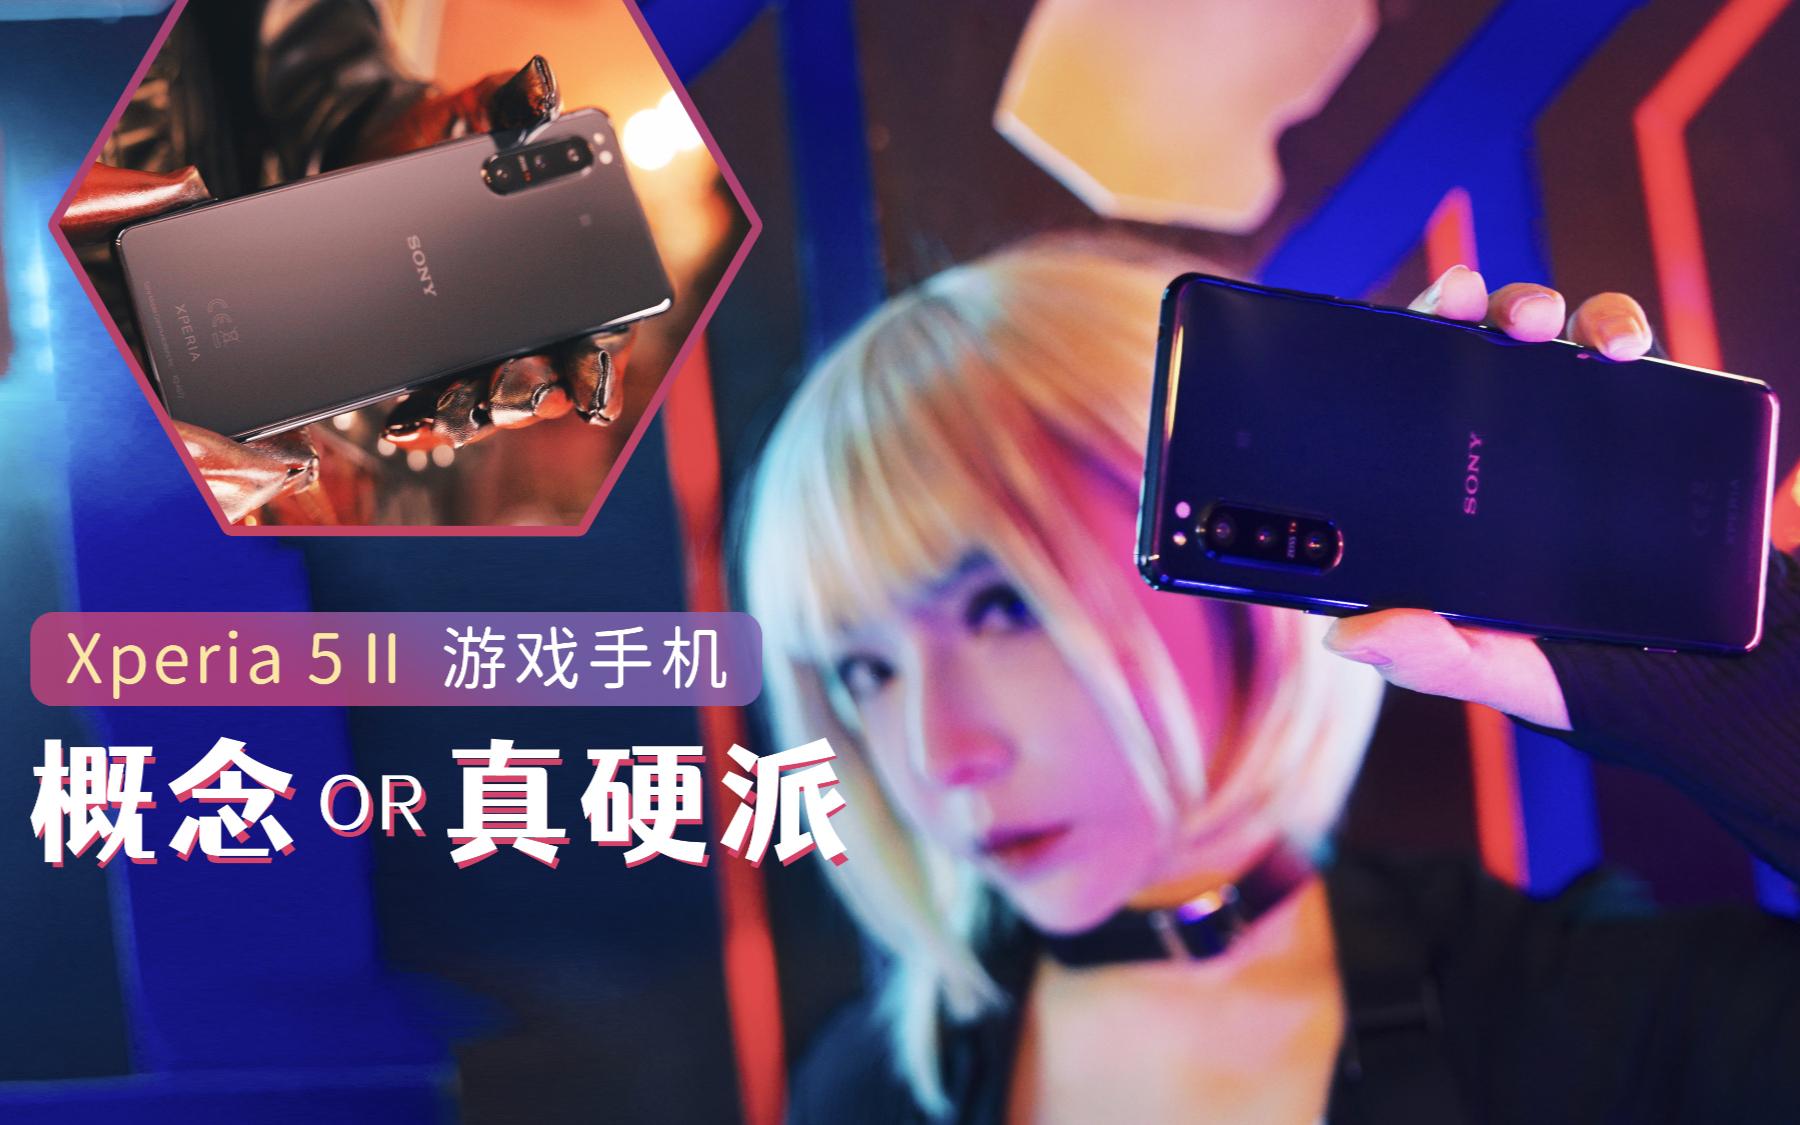 索尼做游戏手机是概念还是真硬派?Xperia 5 II第五人格、CF手游实操体验